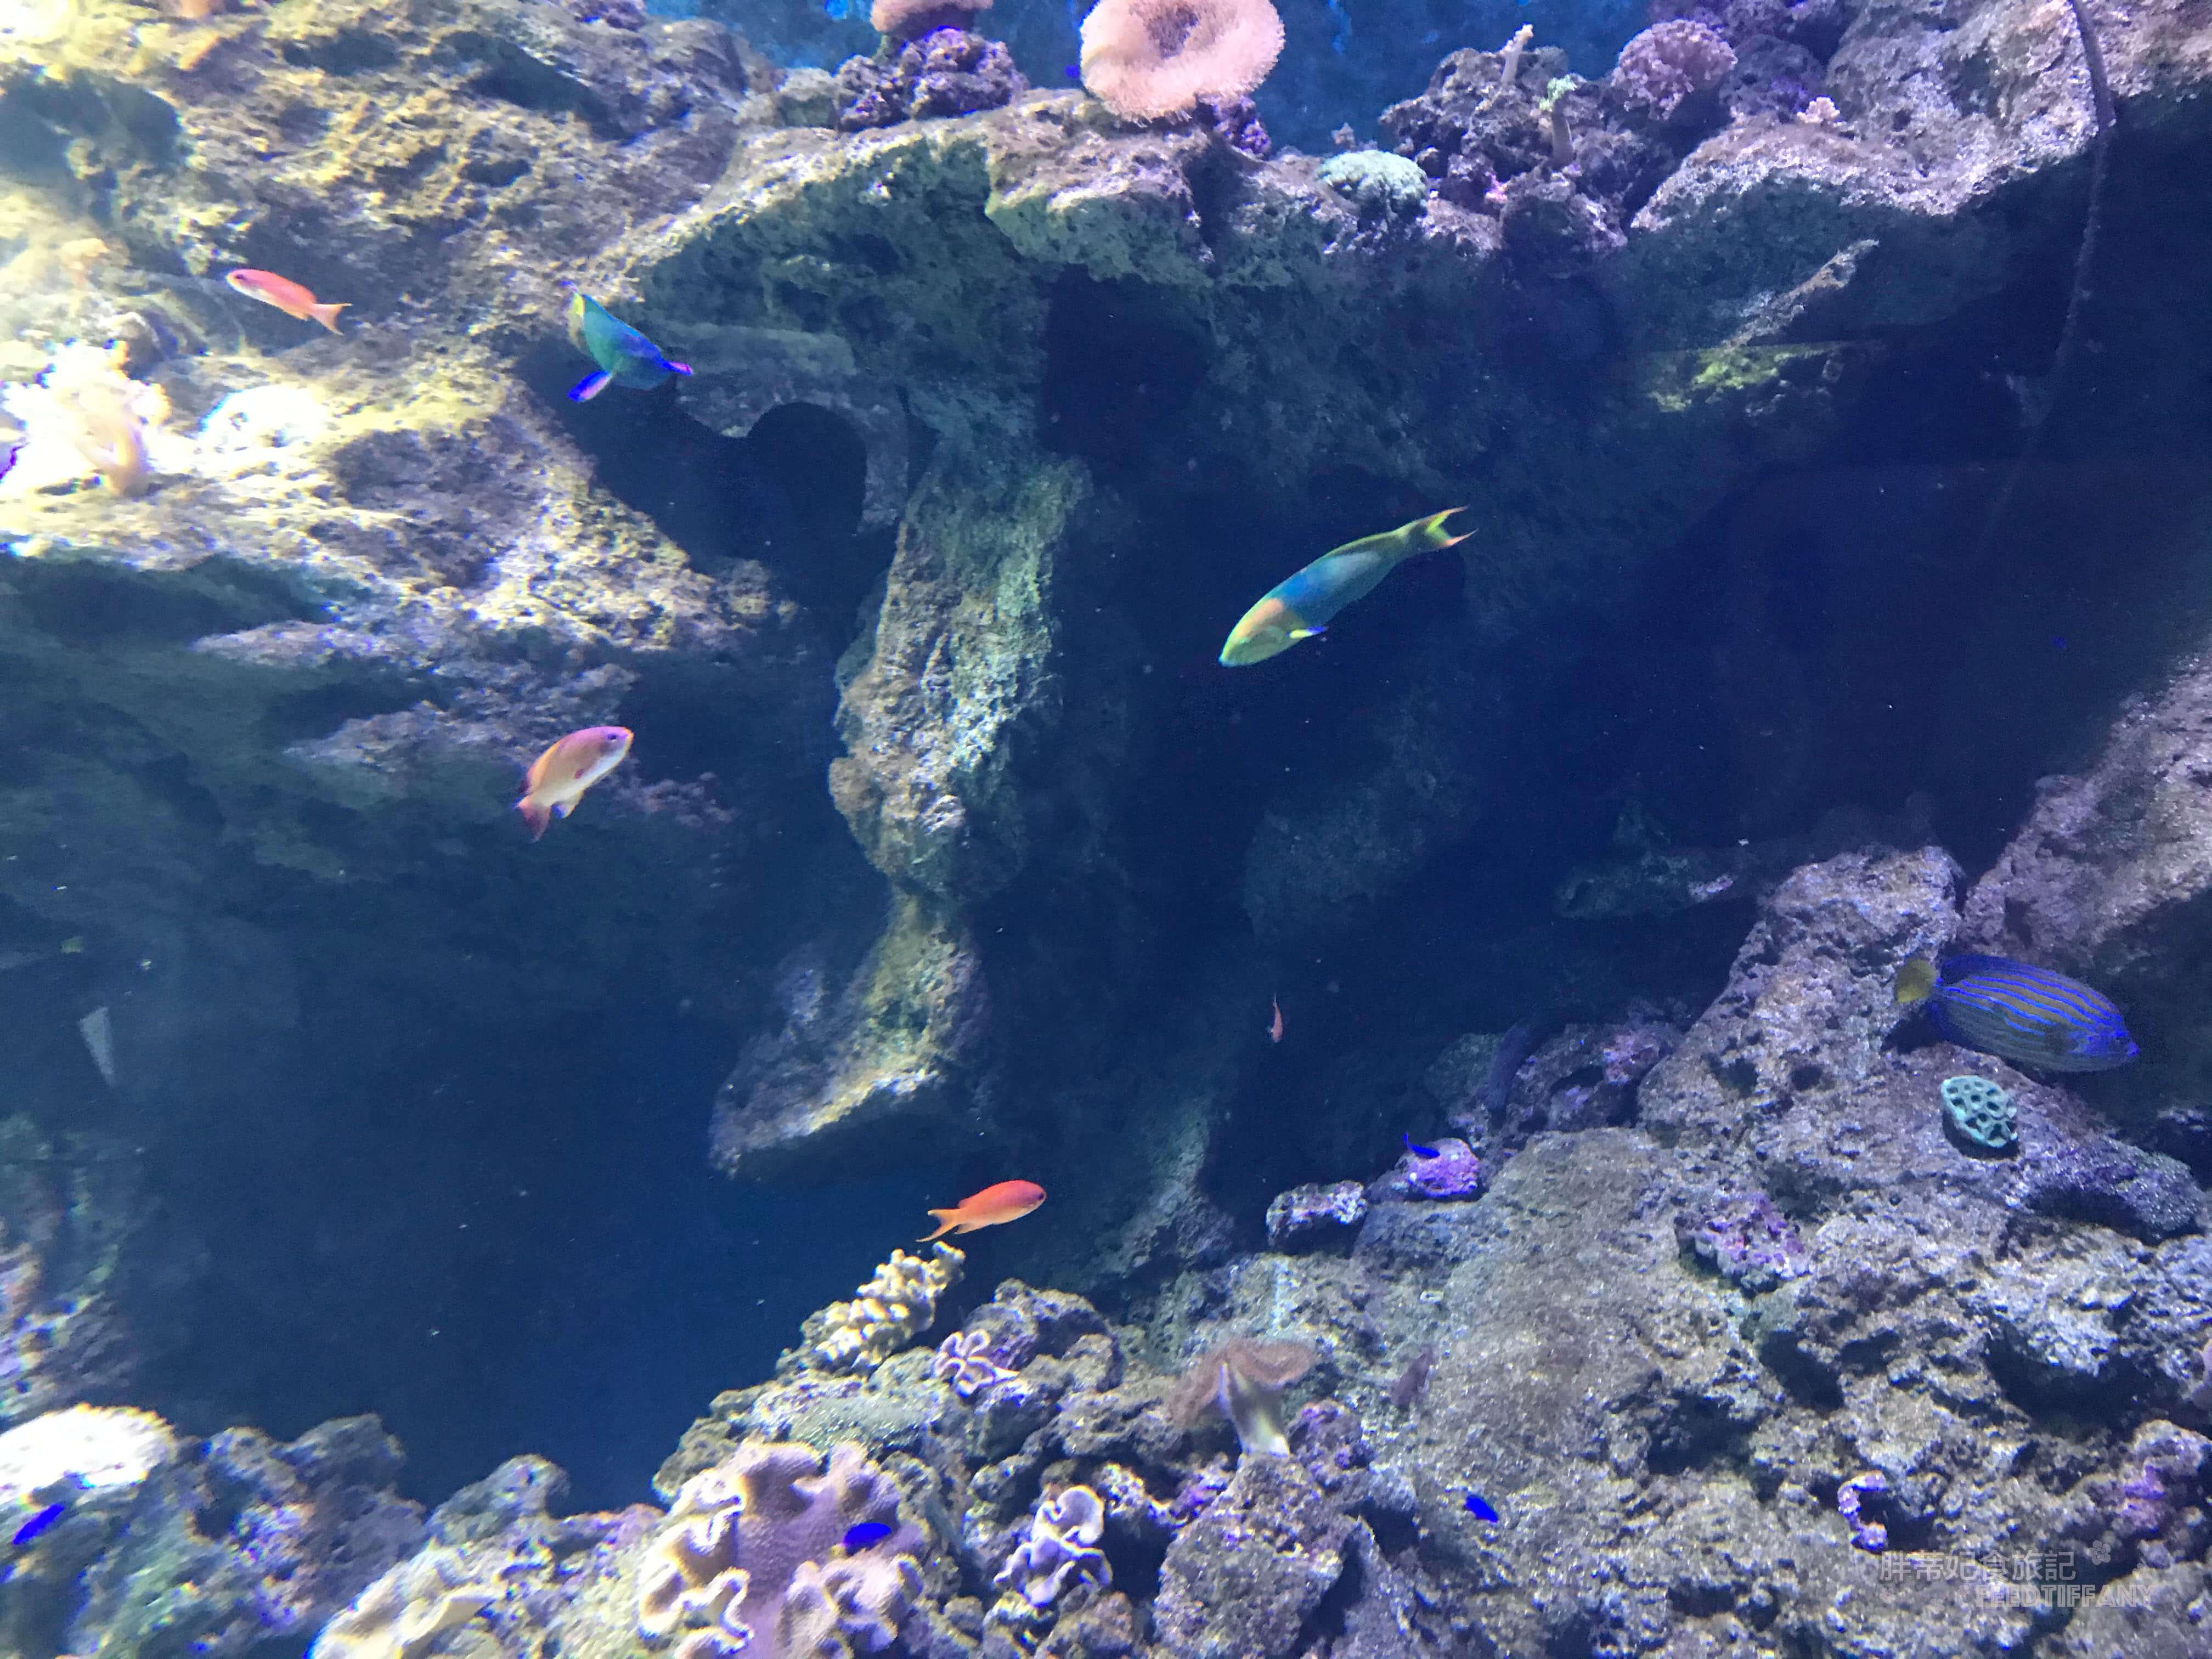 Xpark水族館 喜歡躲在珊瑚裡的魚